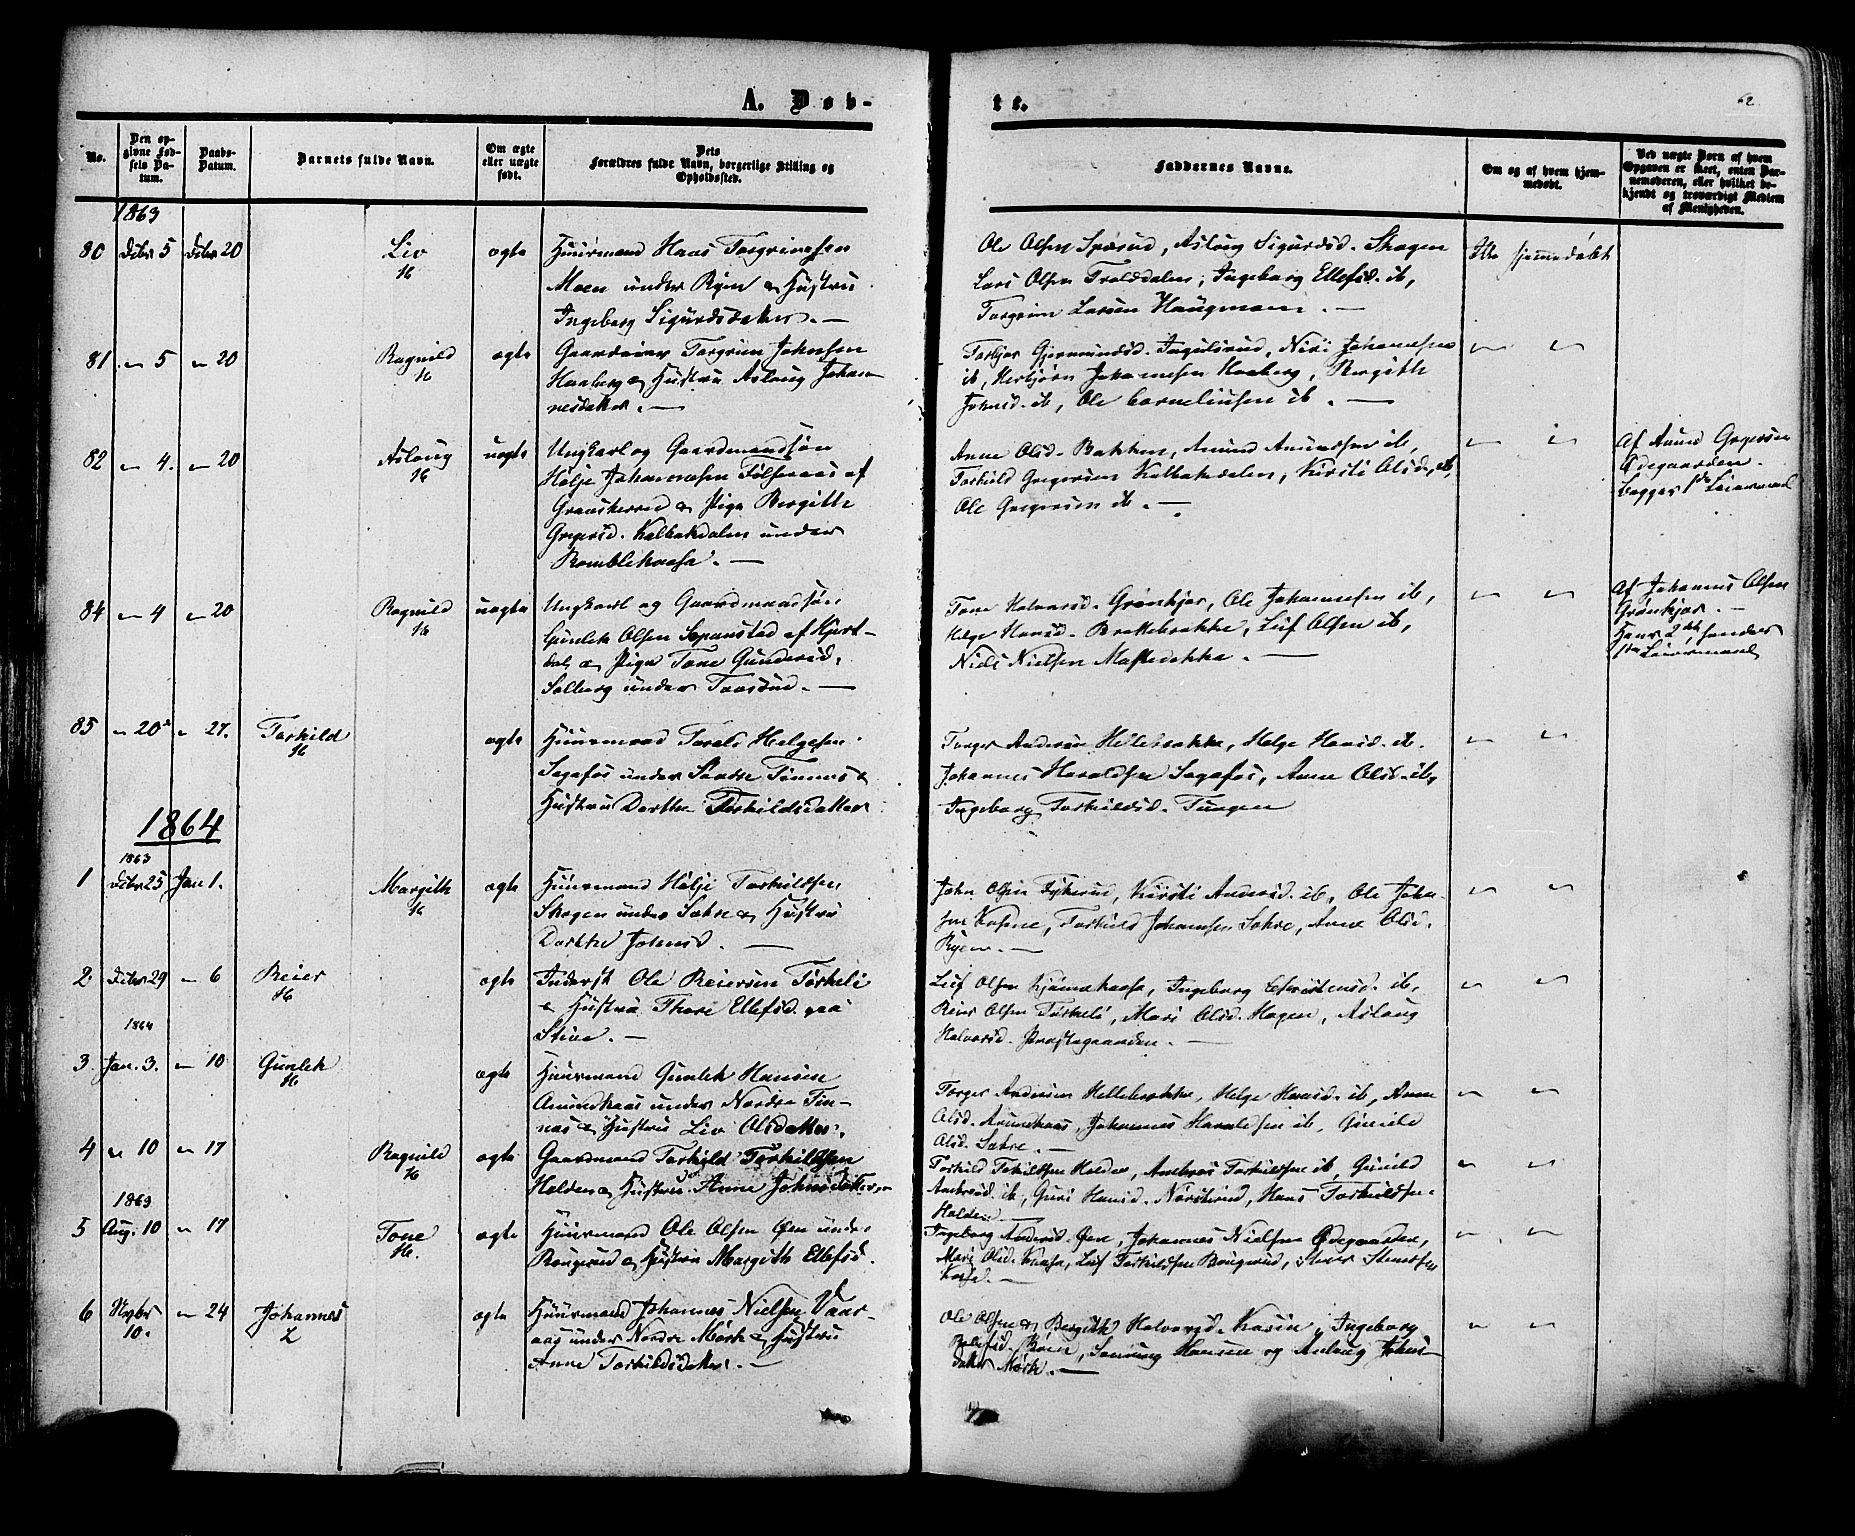 SAKO, Heddal kirkebøker, F/Fa/L0007: Ministerialbok nr. I 7, 1855-1877, s. 62